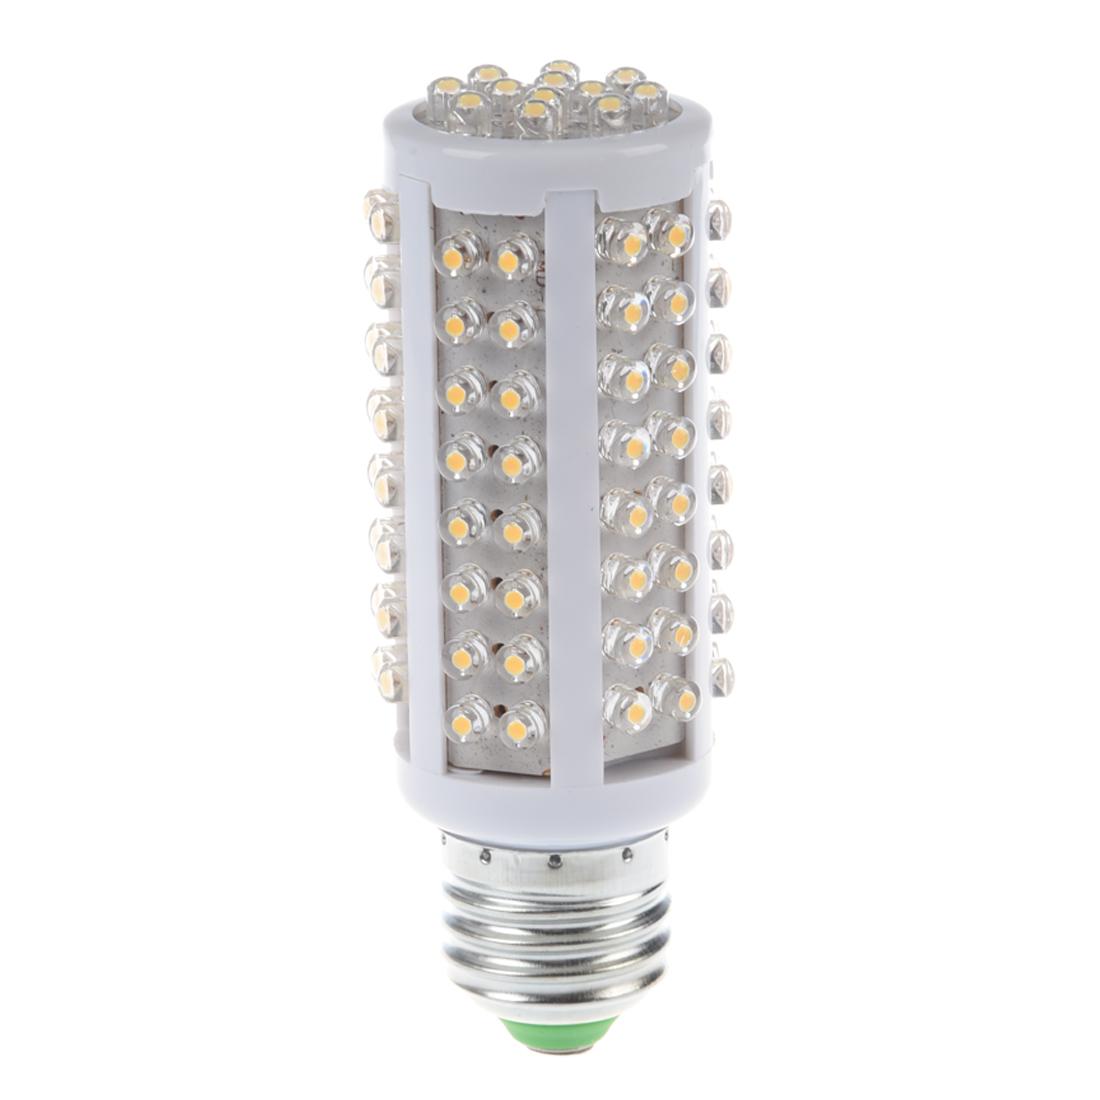 5x ultra helle led birne 7w e27 220v kaltweiss oder warmweiss led lampe mit 108 ebay. Black Bedroom Furniture Sets. Home Design Ideas